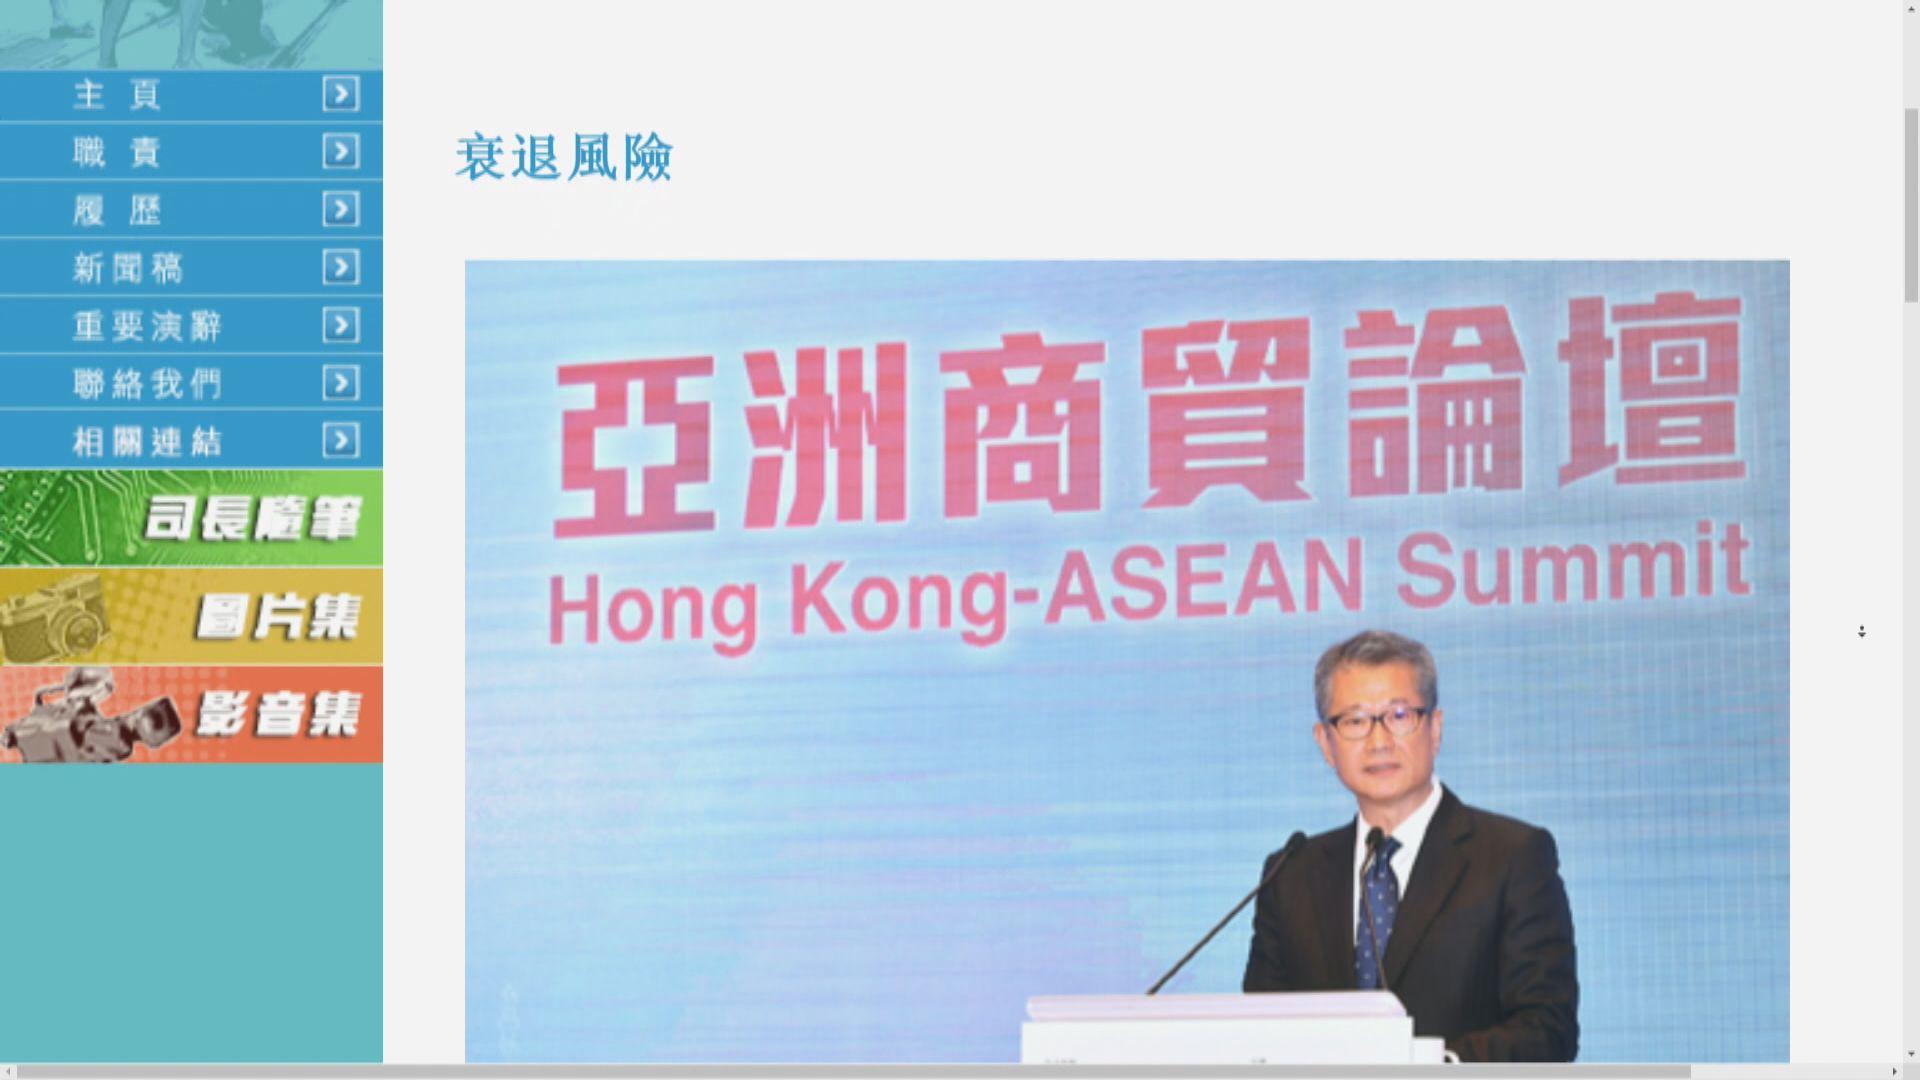 陳茂波:經濟若再負增長 就陷經濟衰退